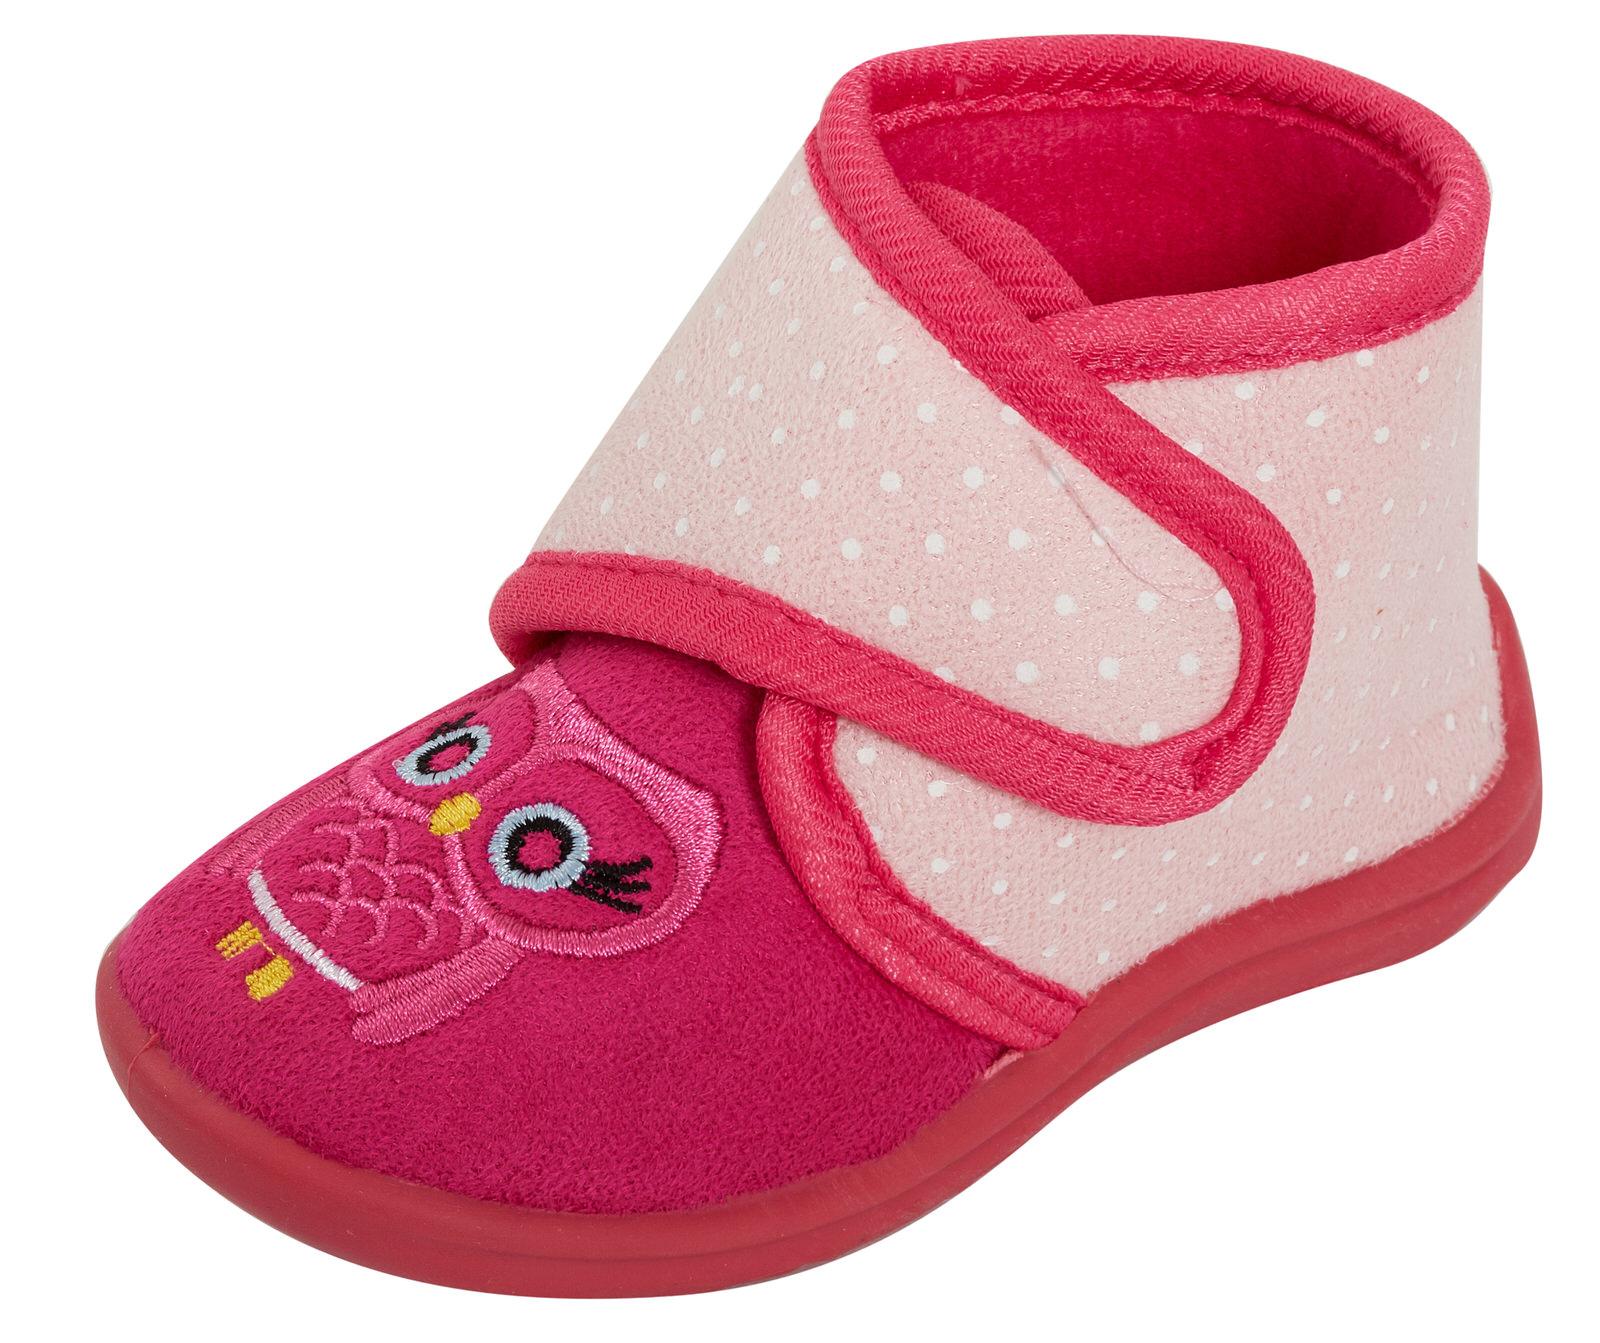 Filles Rose Hibou Bootie Slippers Infant Toddlers Nouveauté facile Attachez Slipper boots